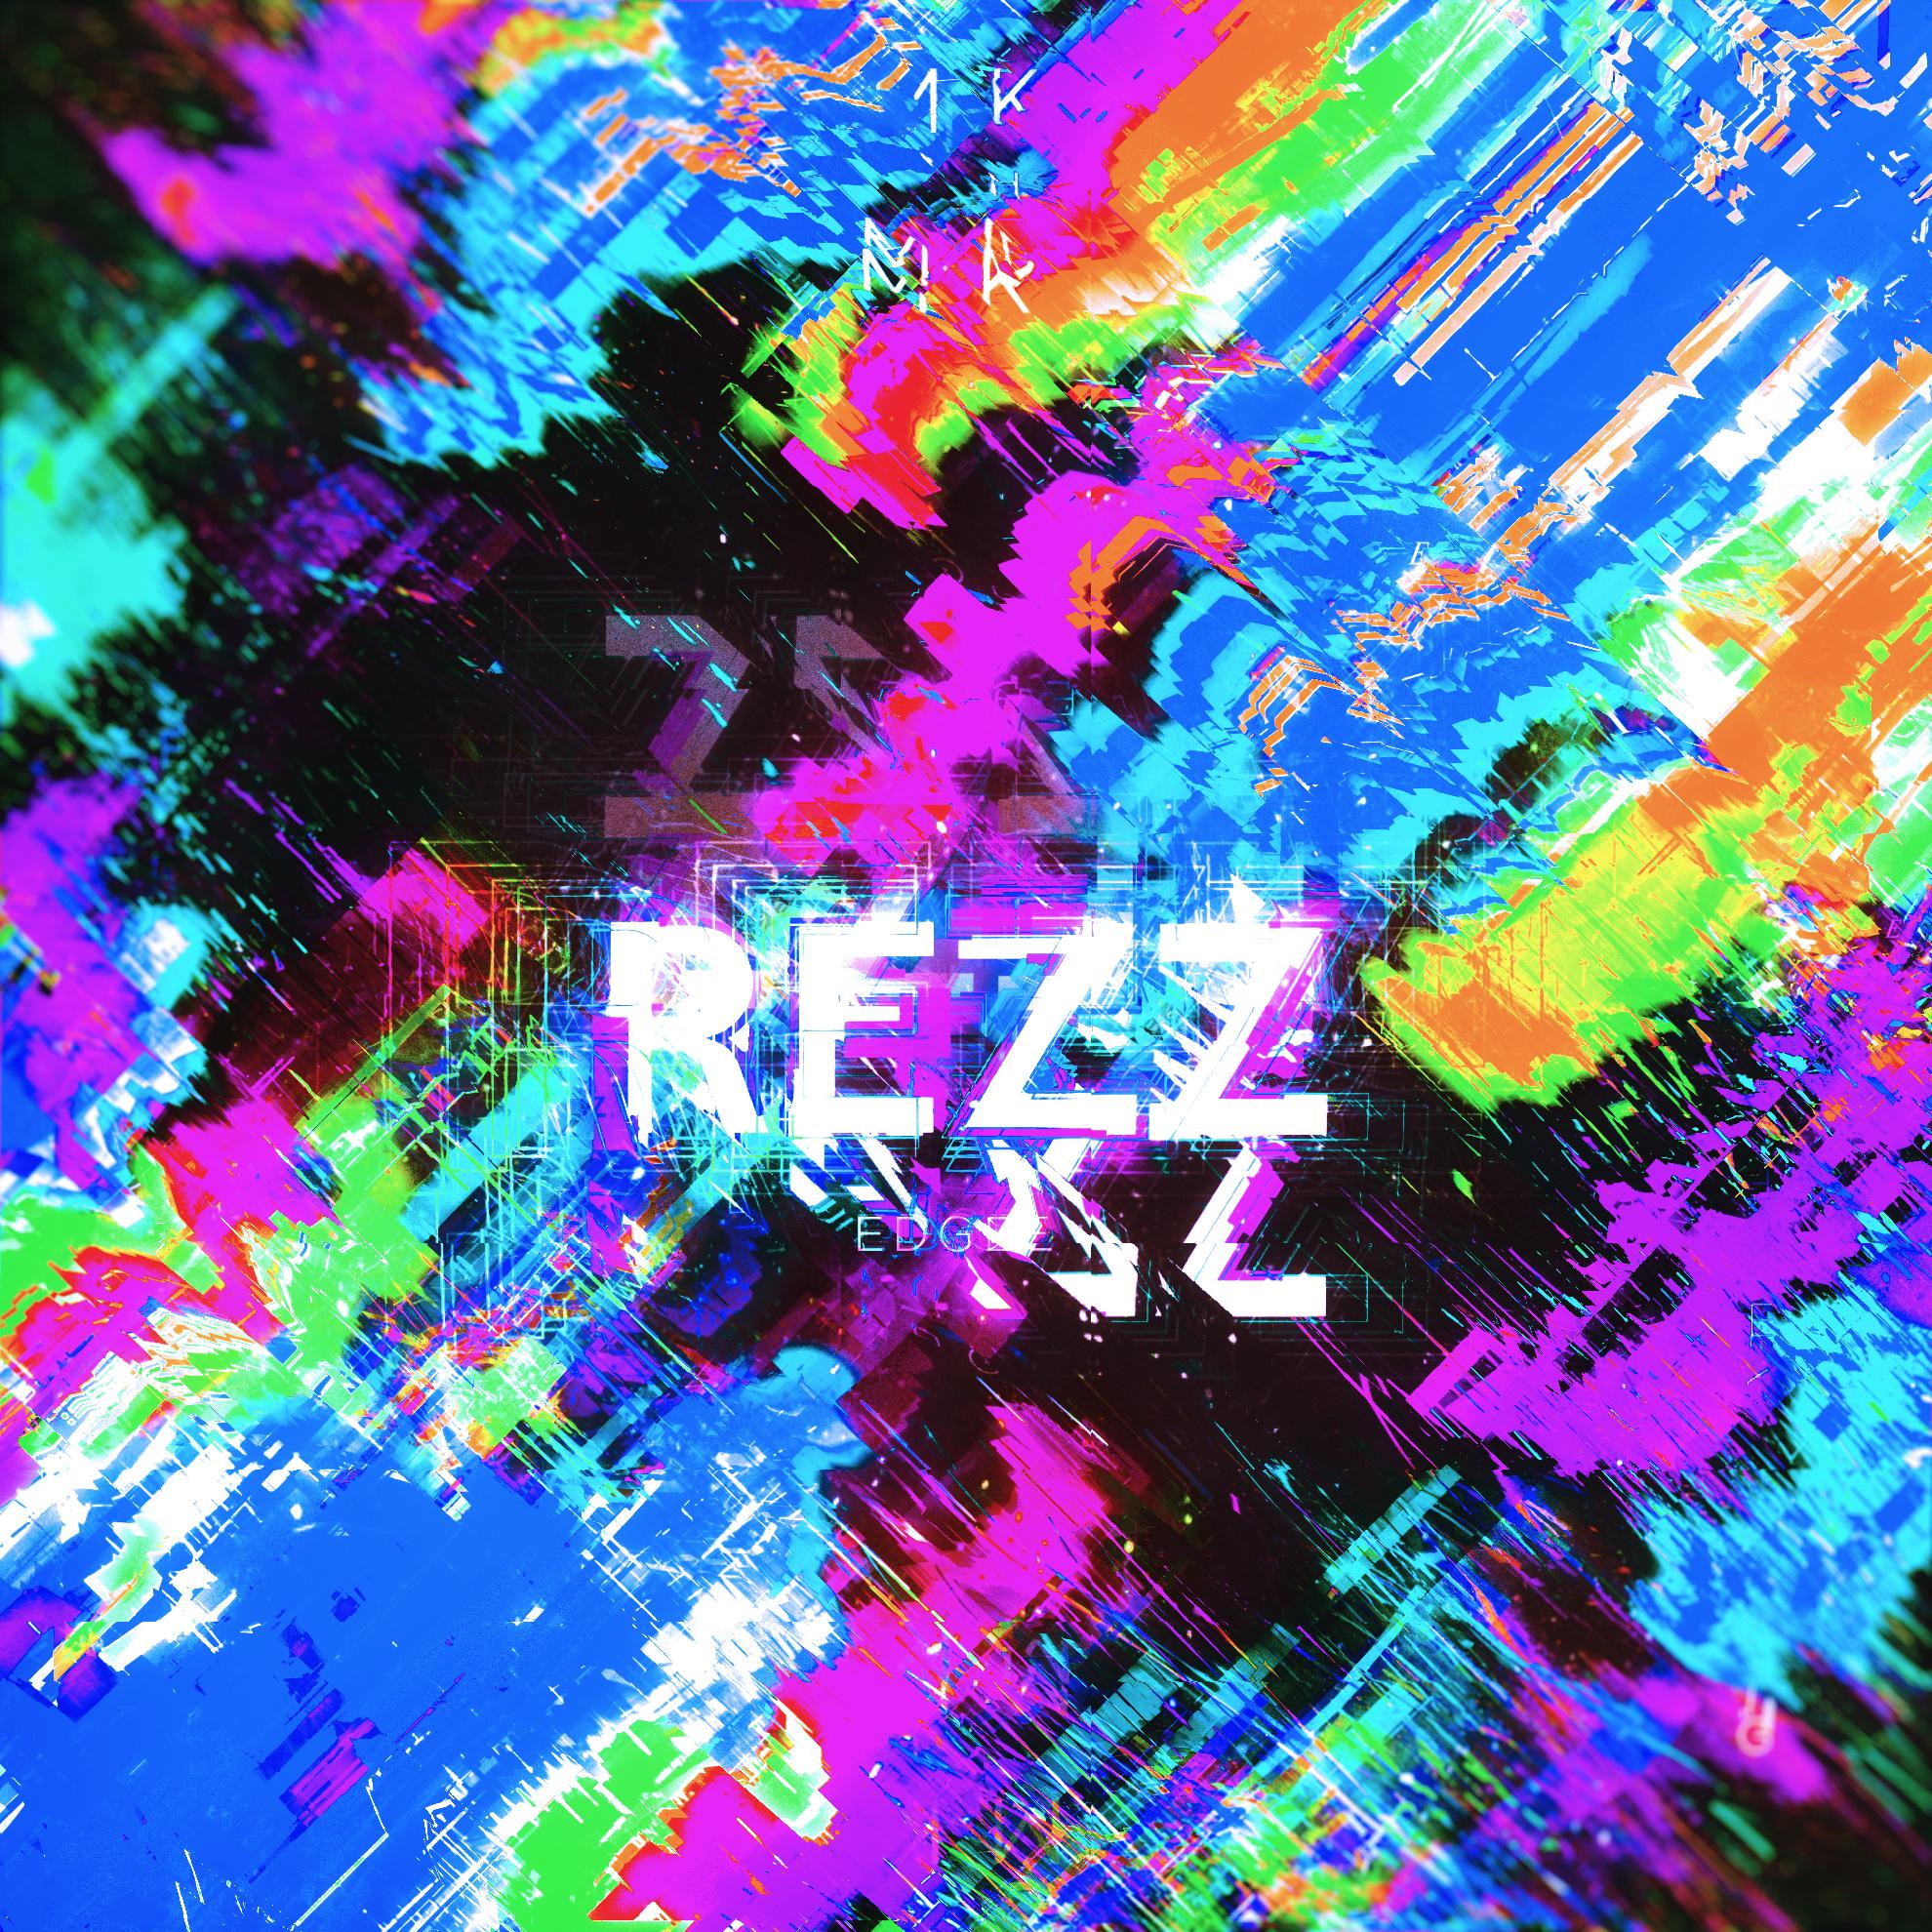 Pochette d'album de Rezz